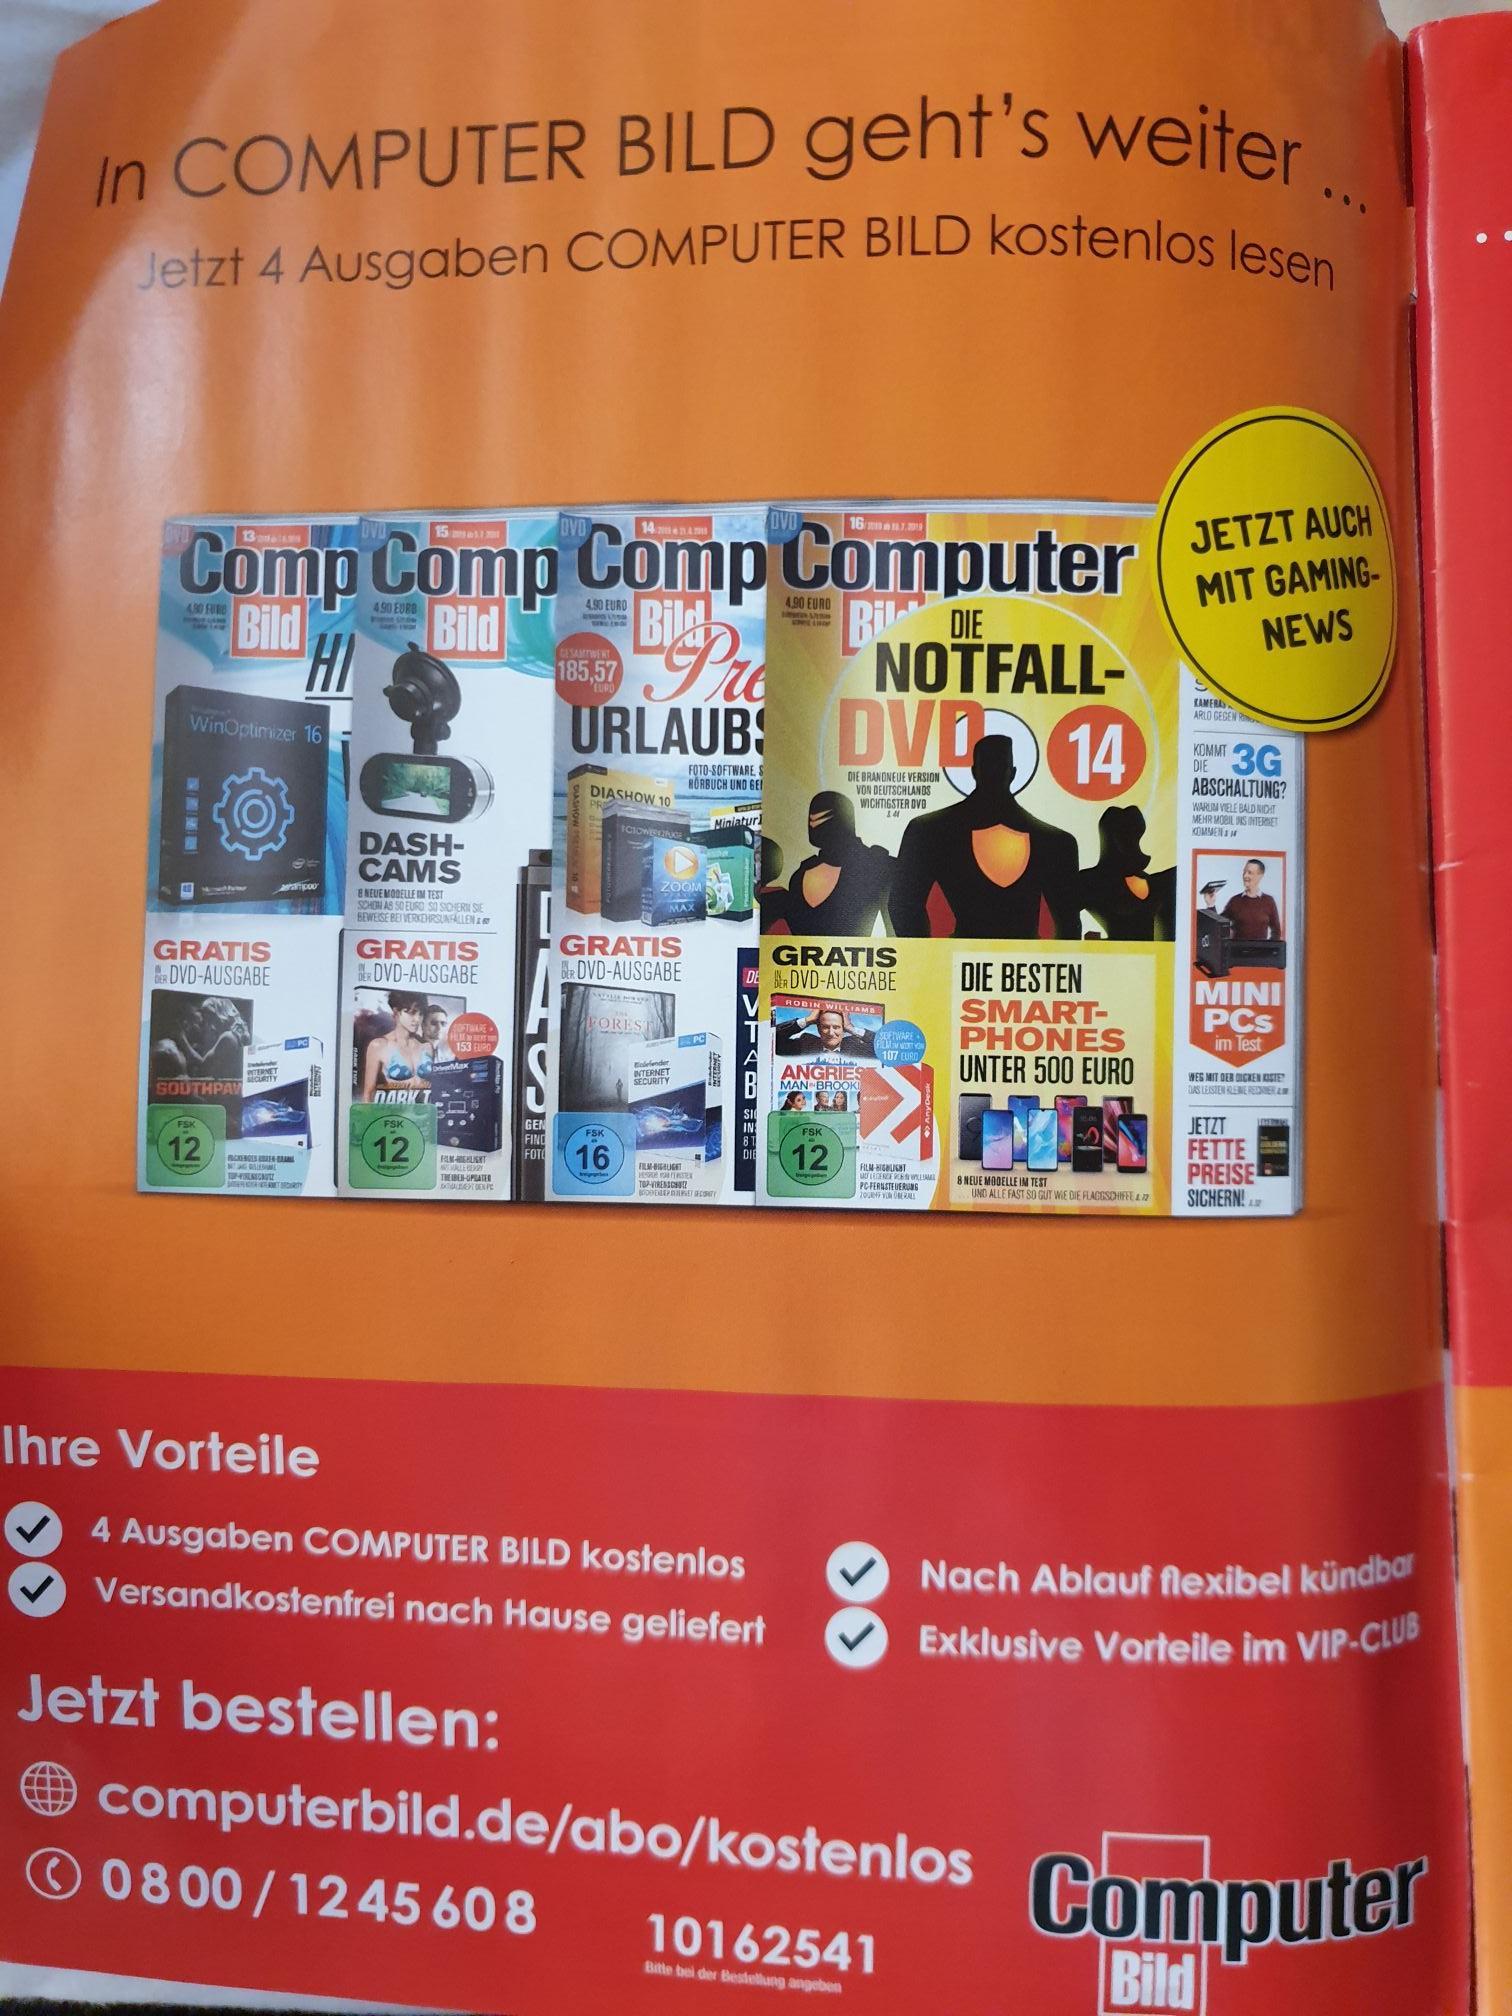 ComputerBILD 4 Ausgaben Gratis (Kündigung notwendig)